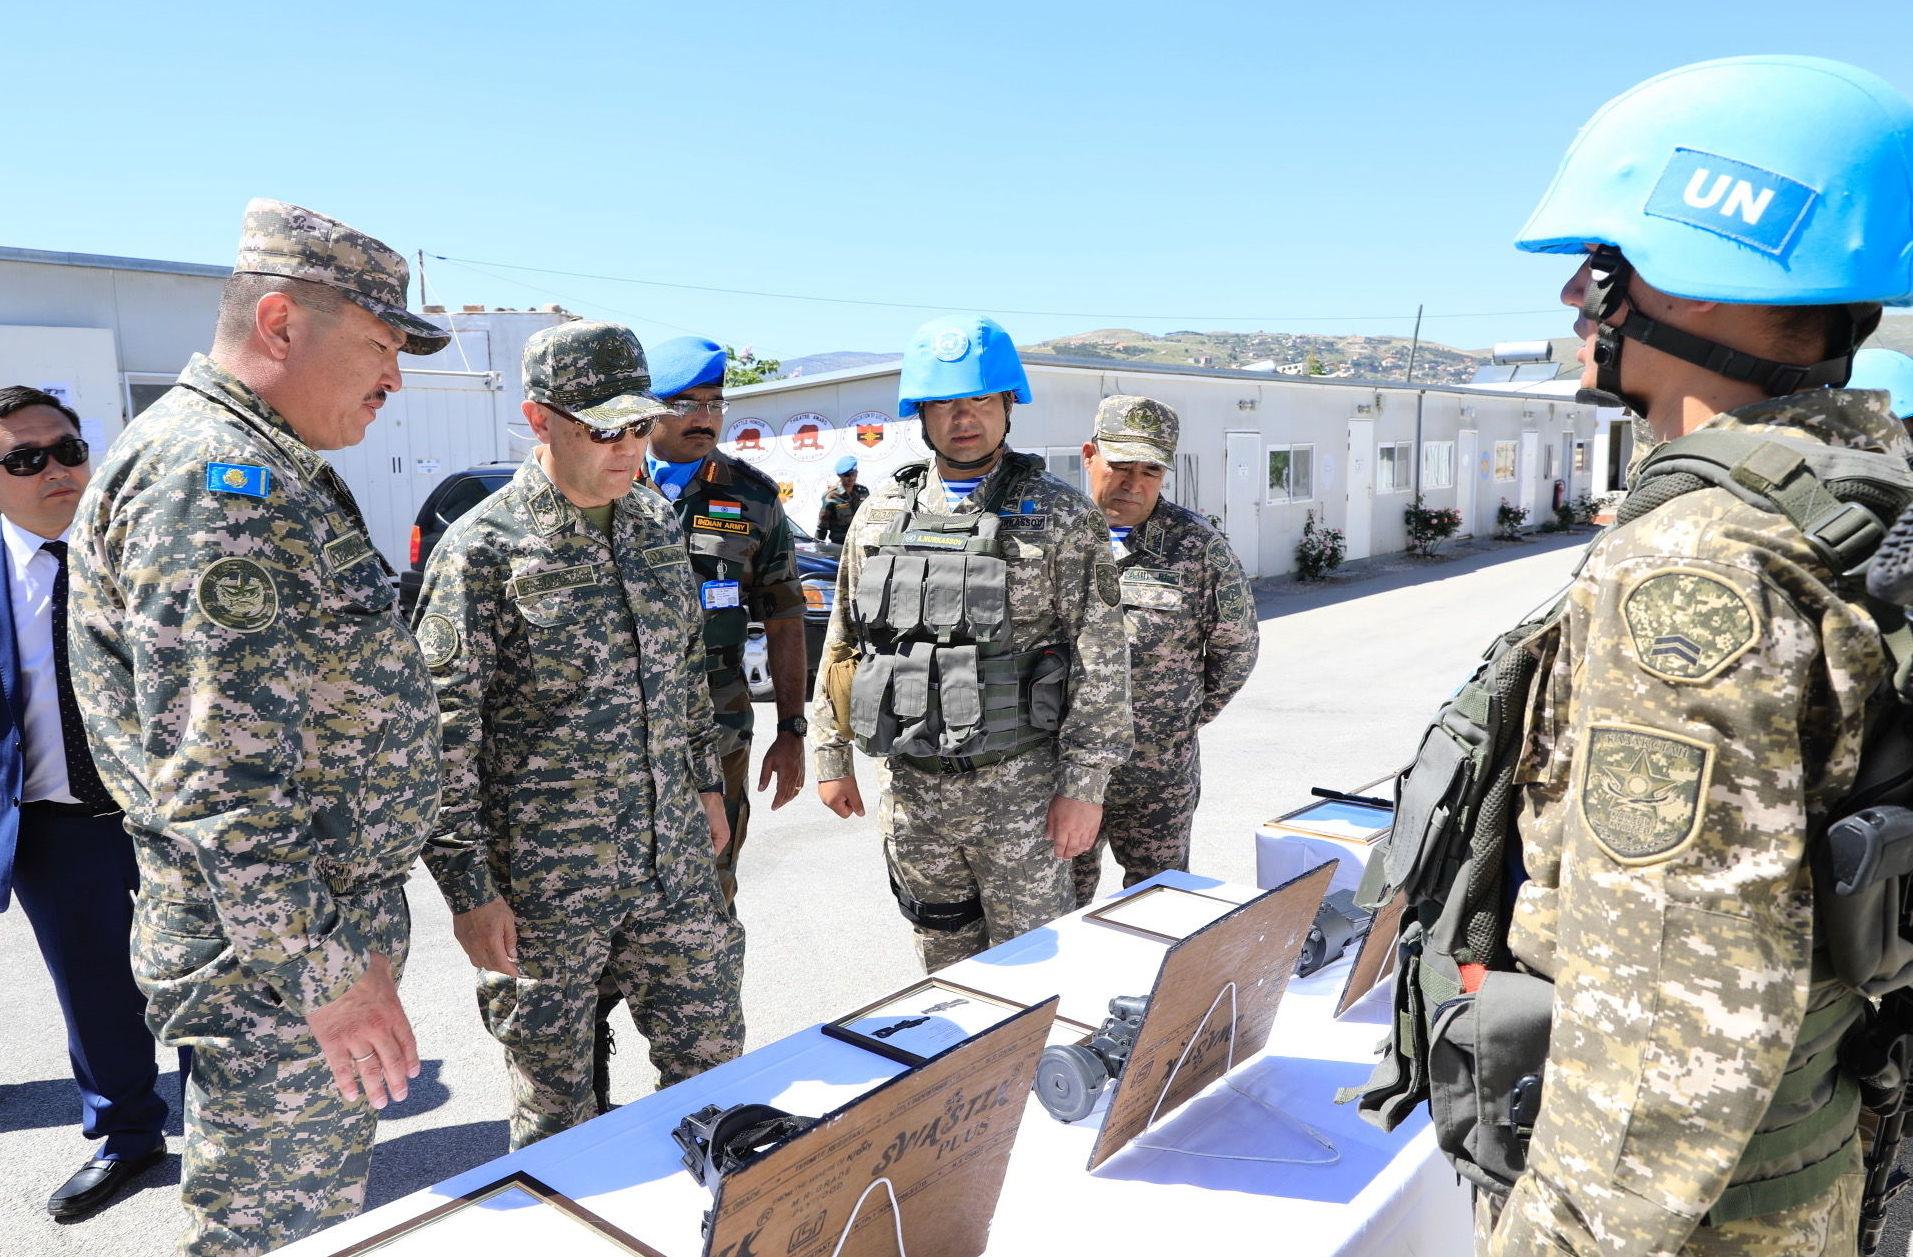 В ходе посещения зоны ответственности батальона ИндКазбат глава ведомства ознакомился с повседневной деятельностью военнослужащих казахстанского миротворческого контингента